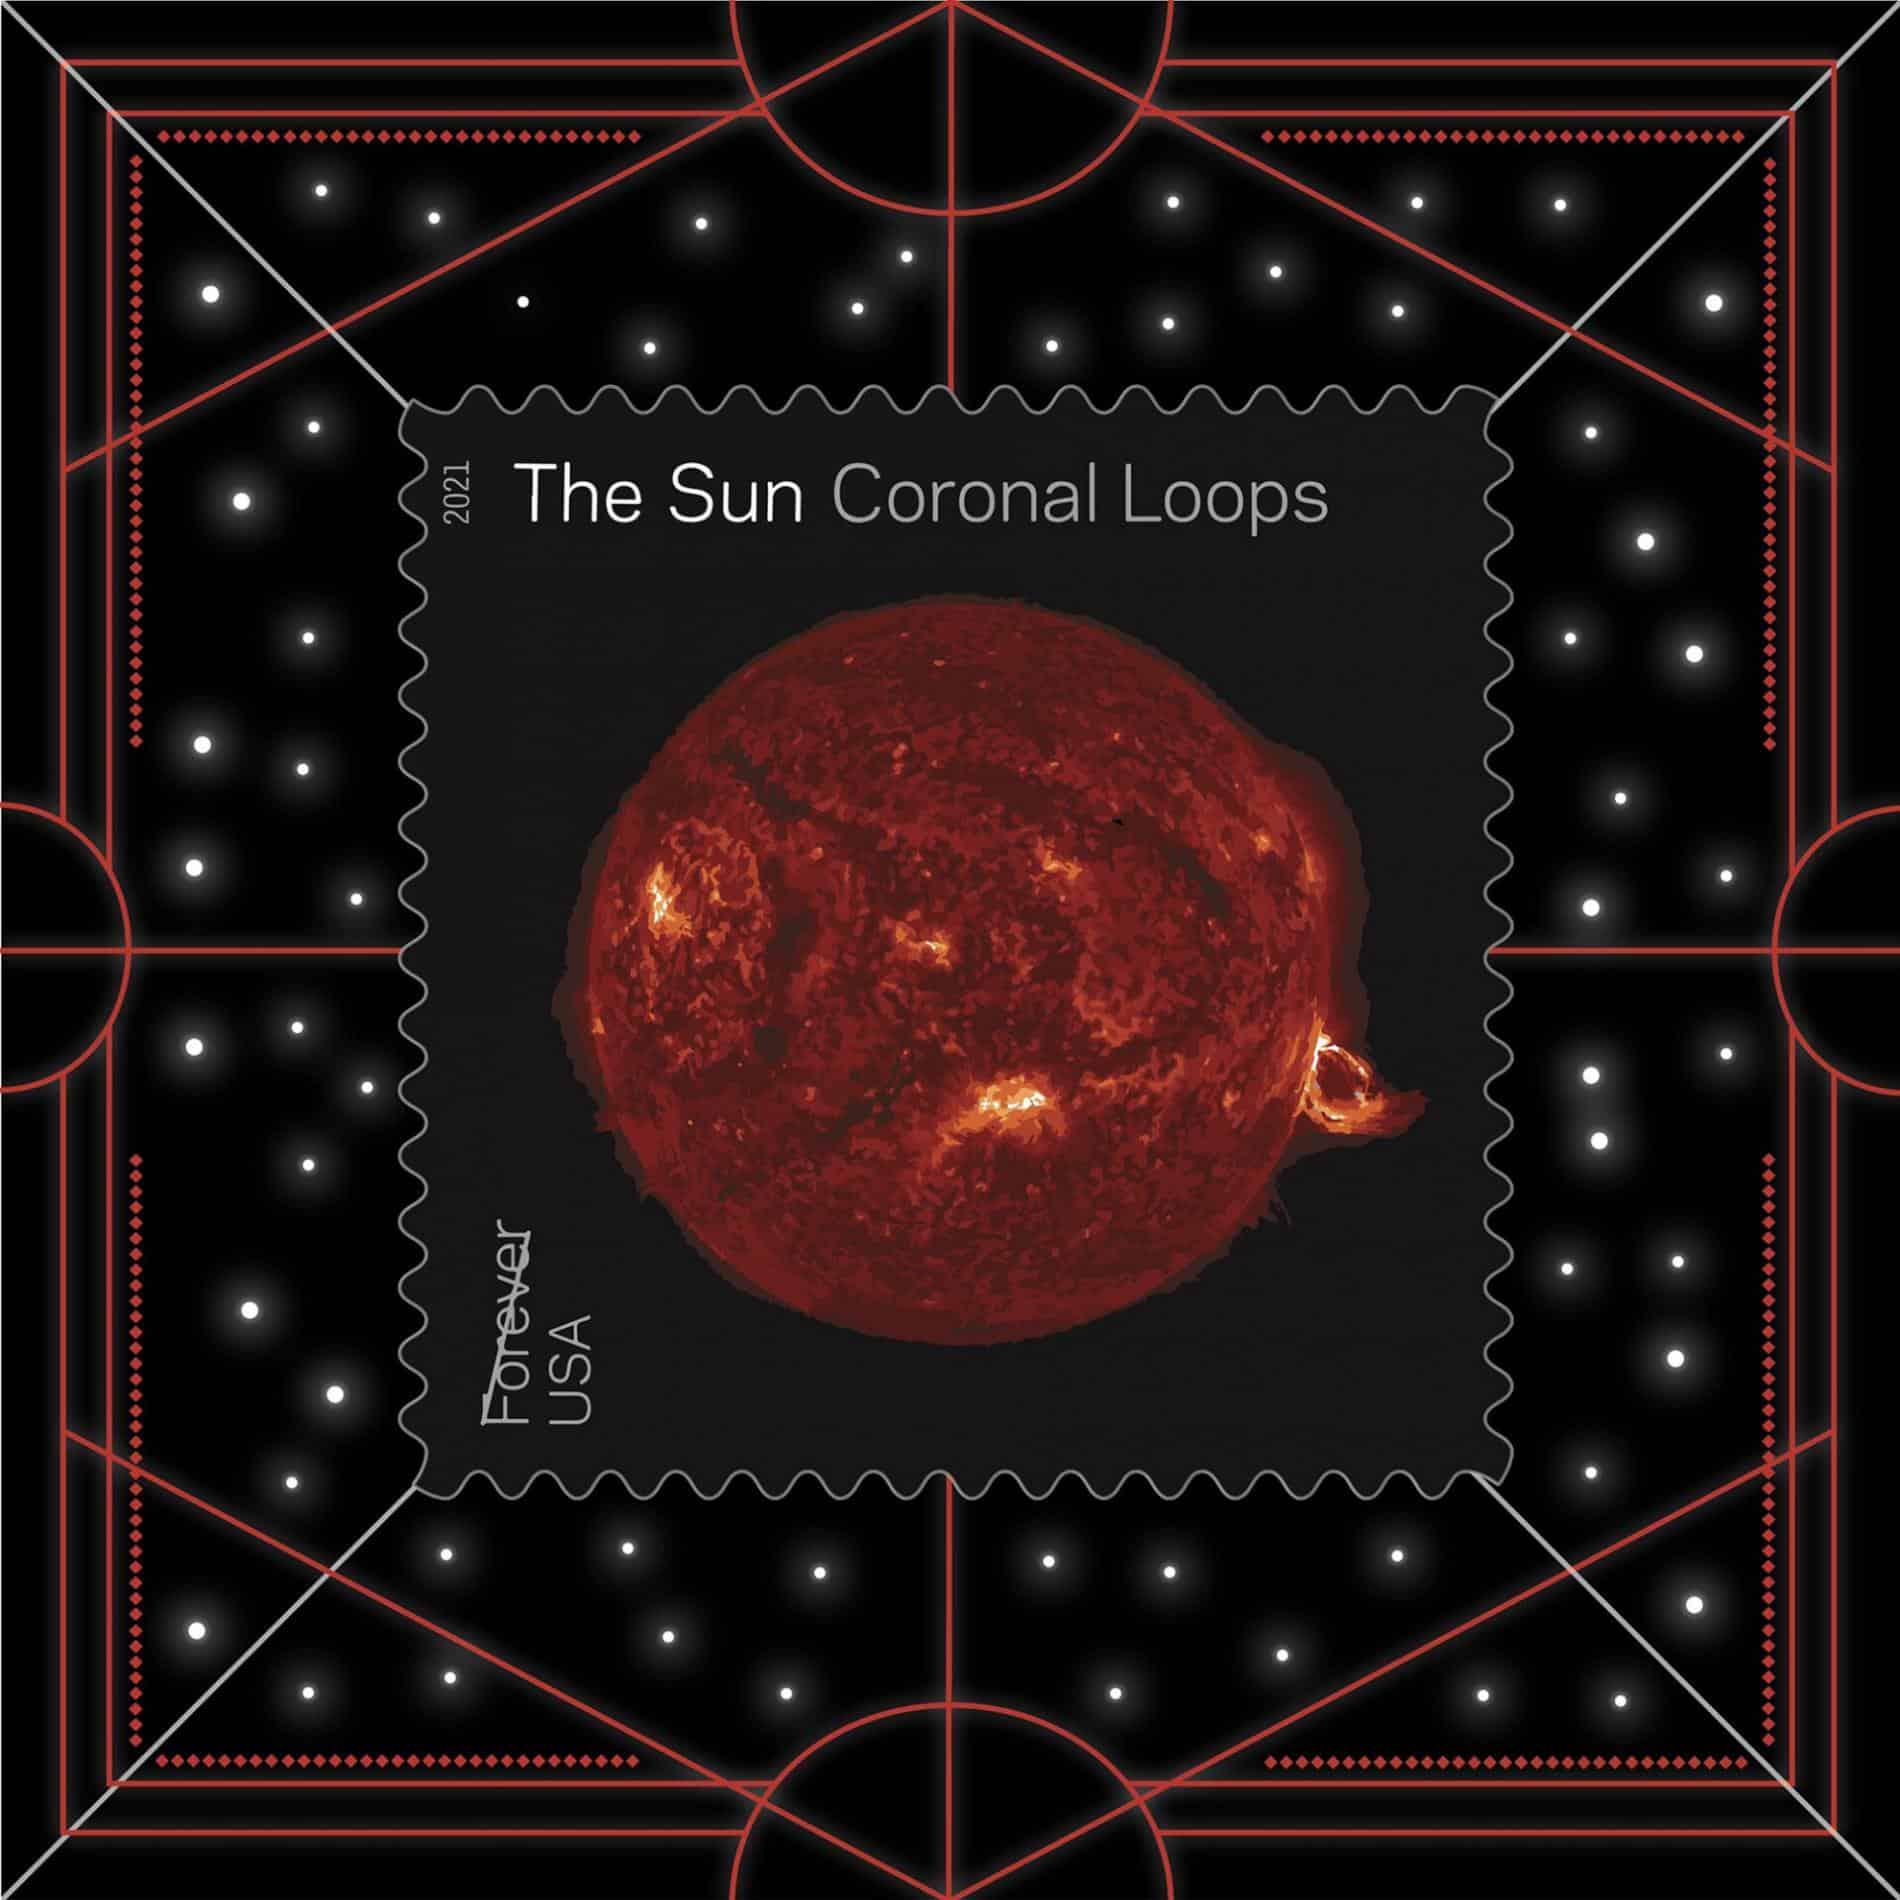 ESTAMPILLA SOLAR NASA UPSP CORONAL